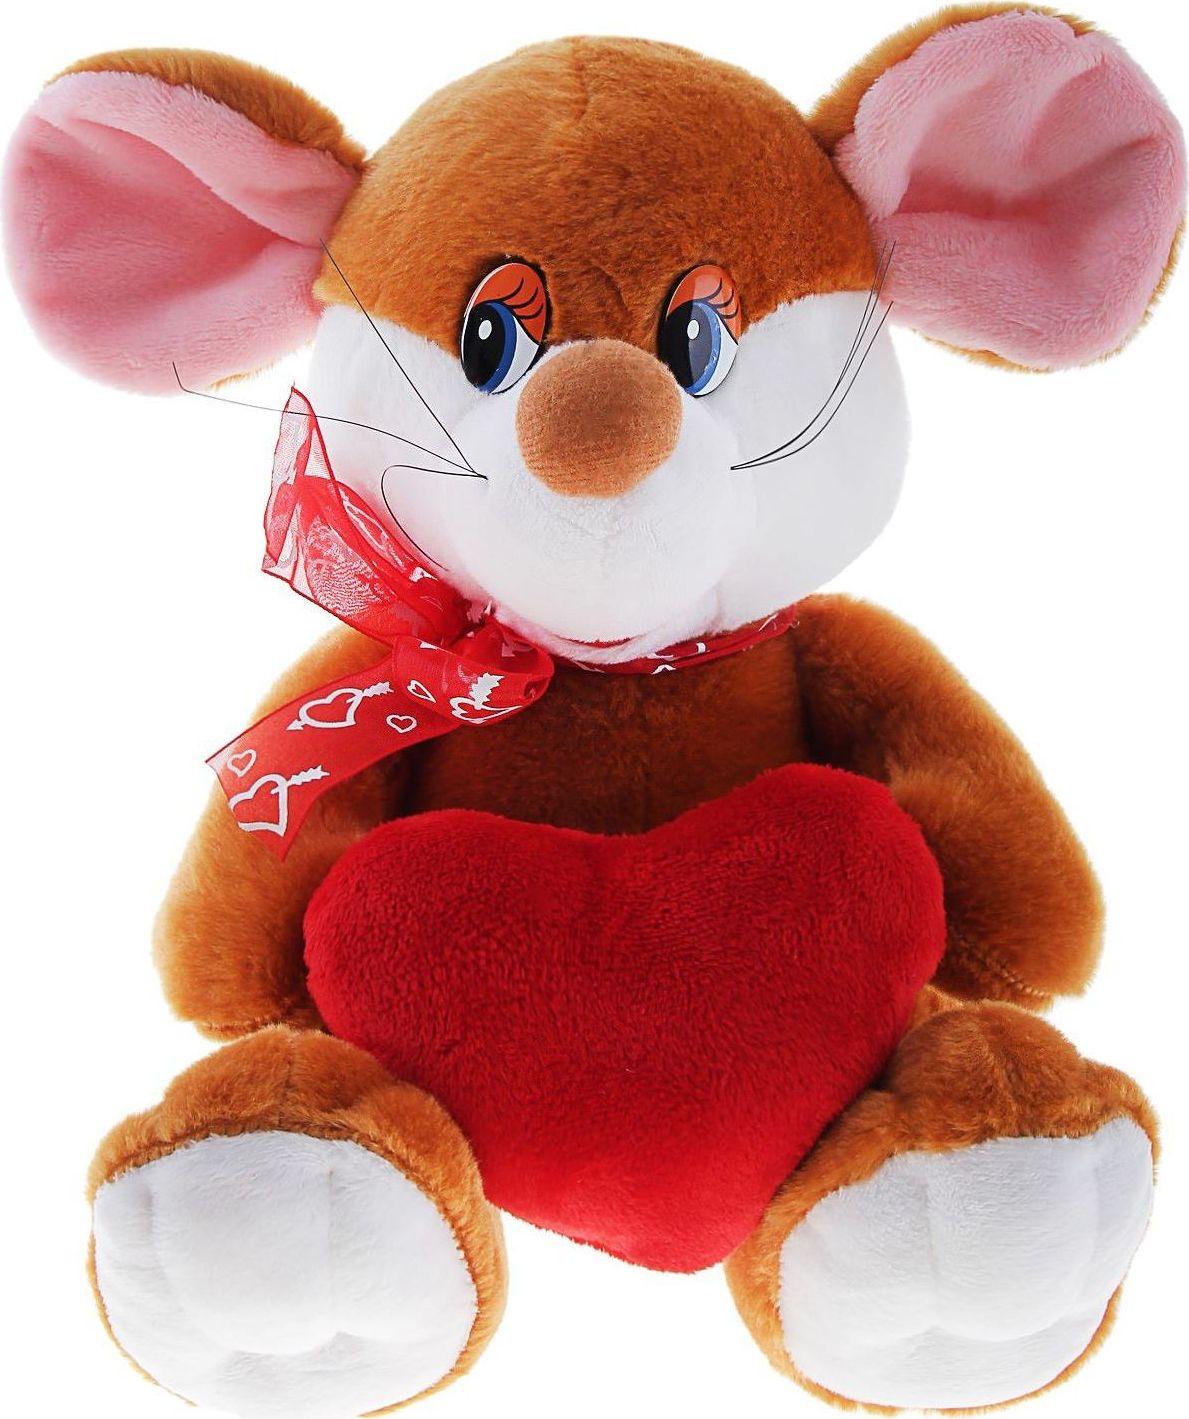 Sima-land Мягкая игрушка Мышка с сердцем 330512 sima land мягкая игрушка на руку мальчик 1147835